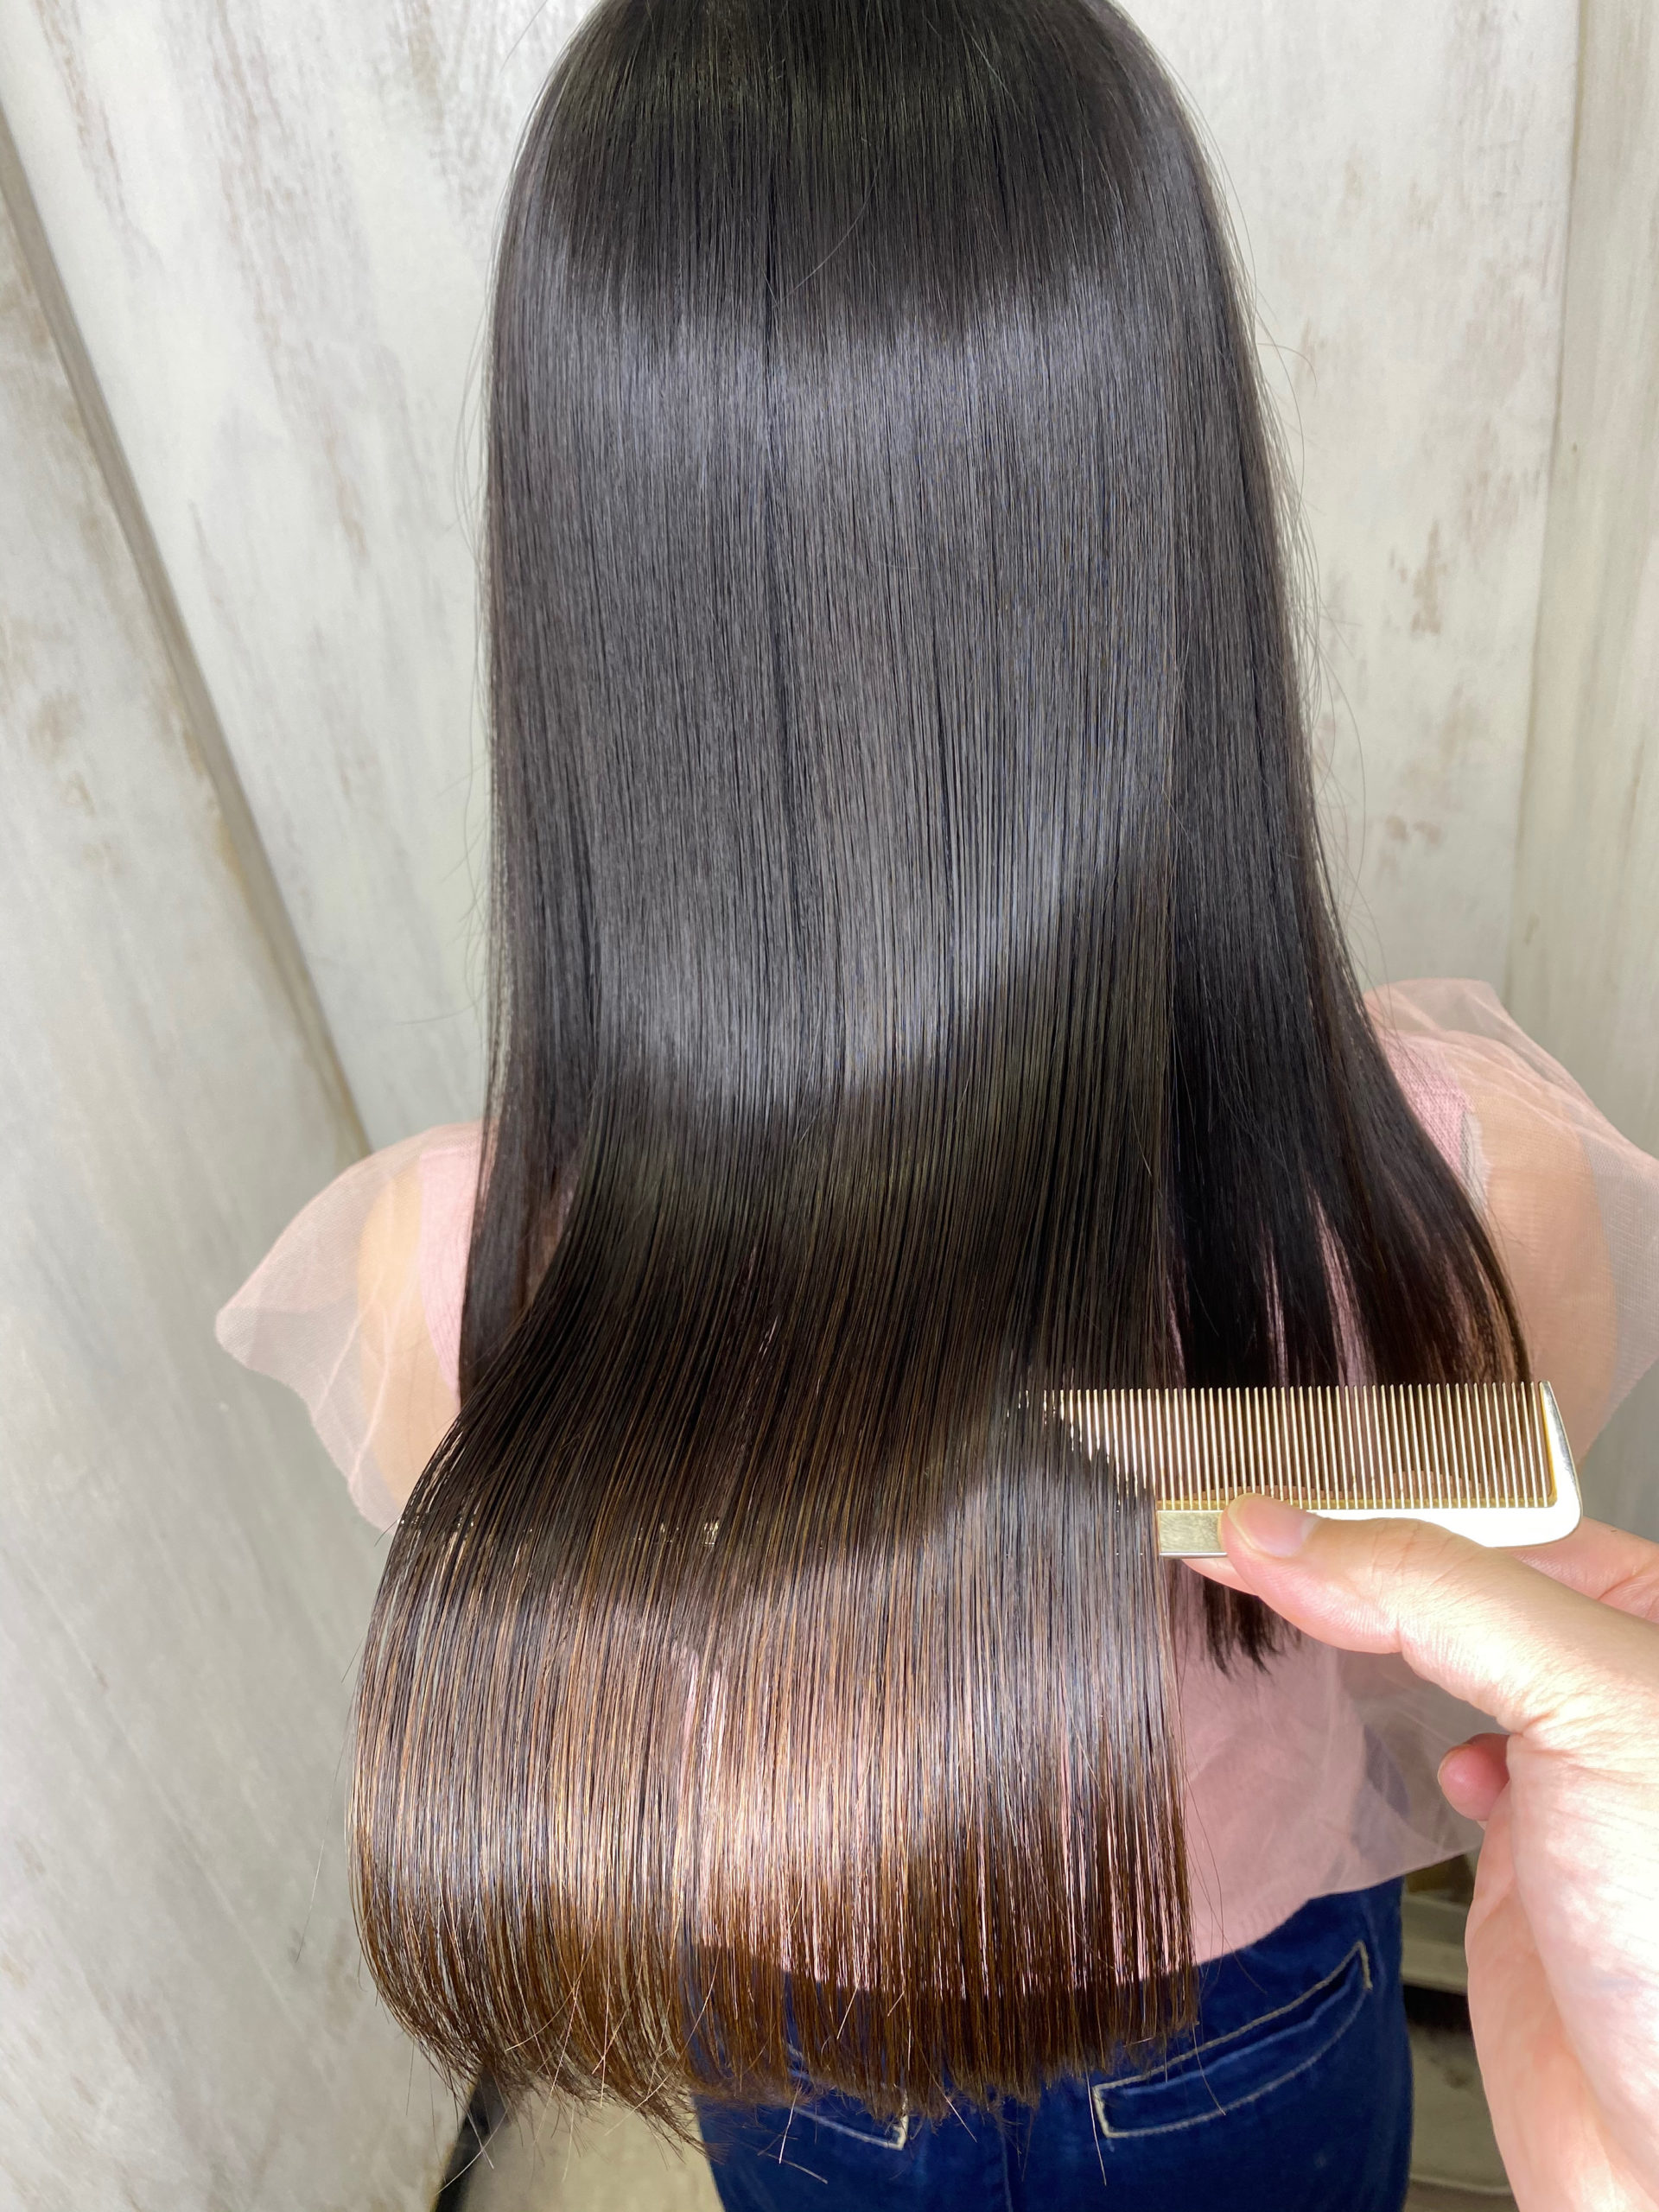 ブリーチ毛の方をジュエリーシステム×LULUトリートメント×縮毛矯正で艶髪ストレートヘアに変身。原宿・表参道『髪のお悩みを解決するヘアケア美容師の挑戦』